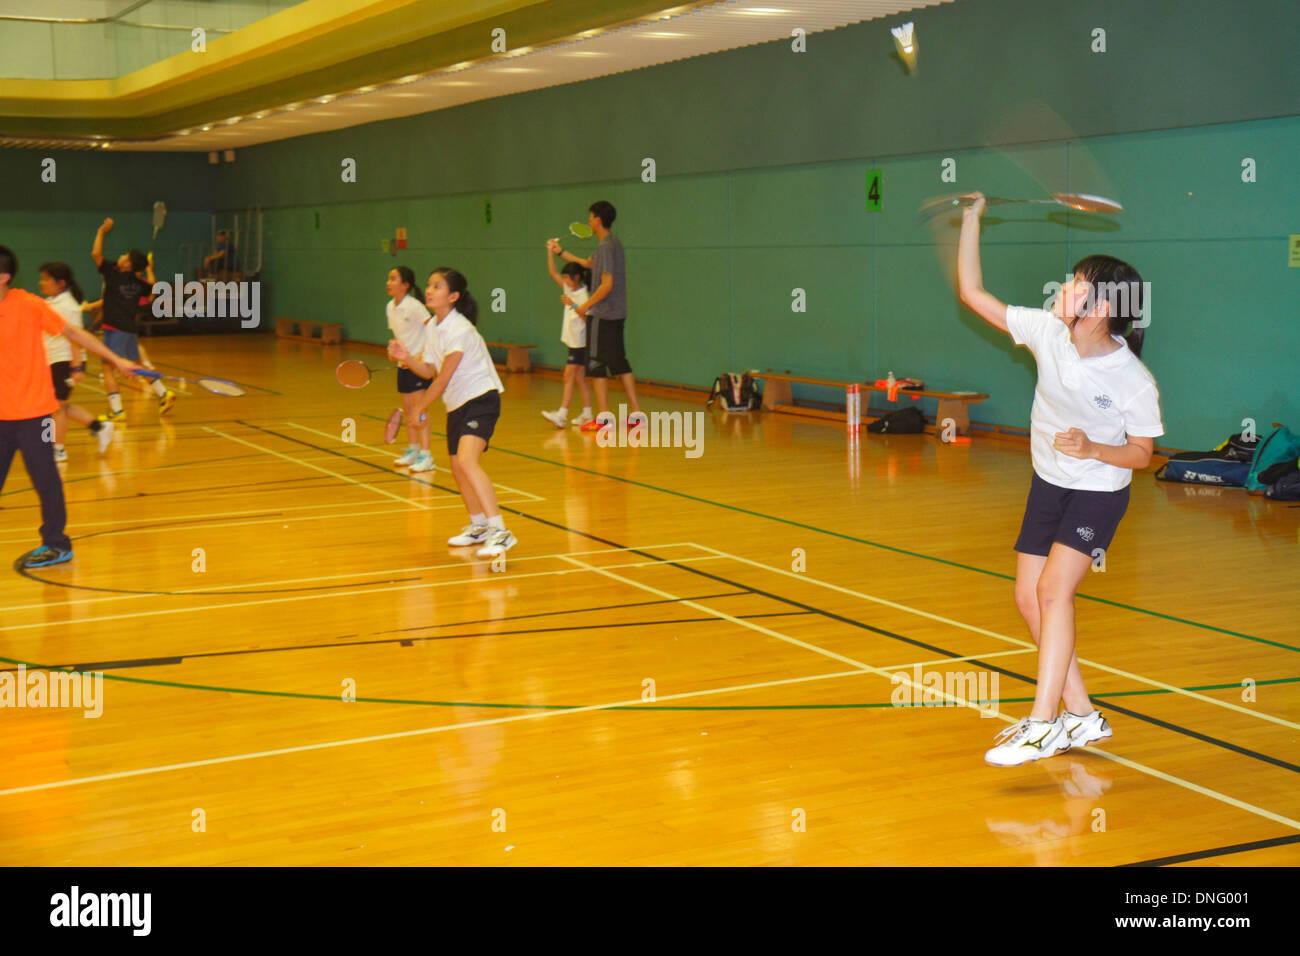 La Isla de Hong Kong, China Hong Kong Central Park Sports Centre bádminton gimnasio interior estudiante asiático jugando Imagen De Stock